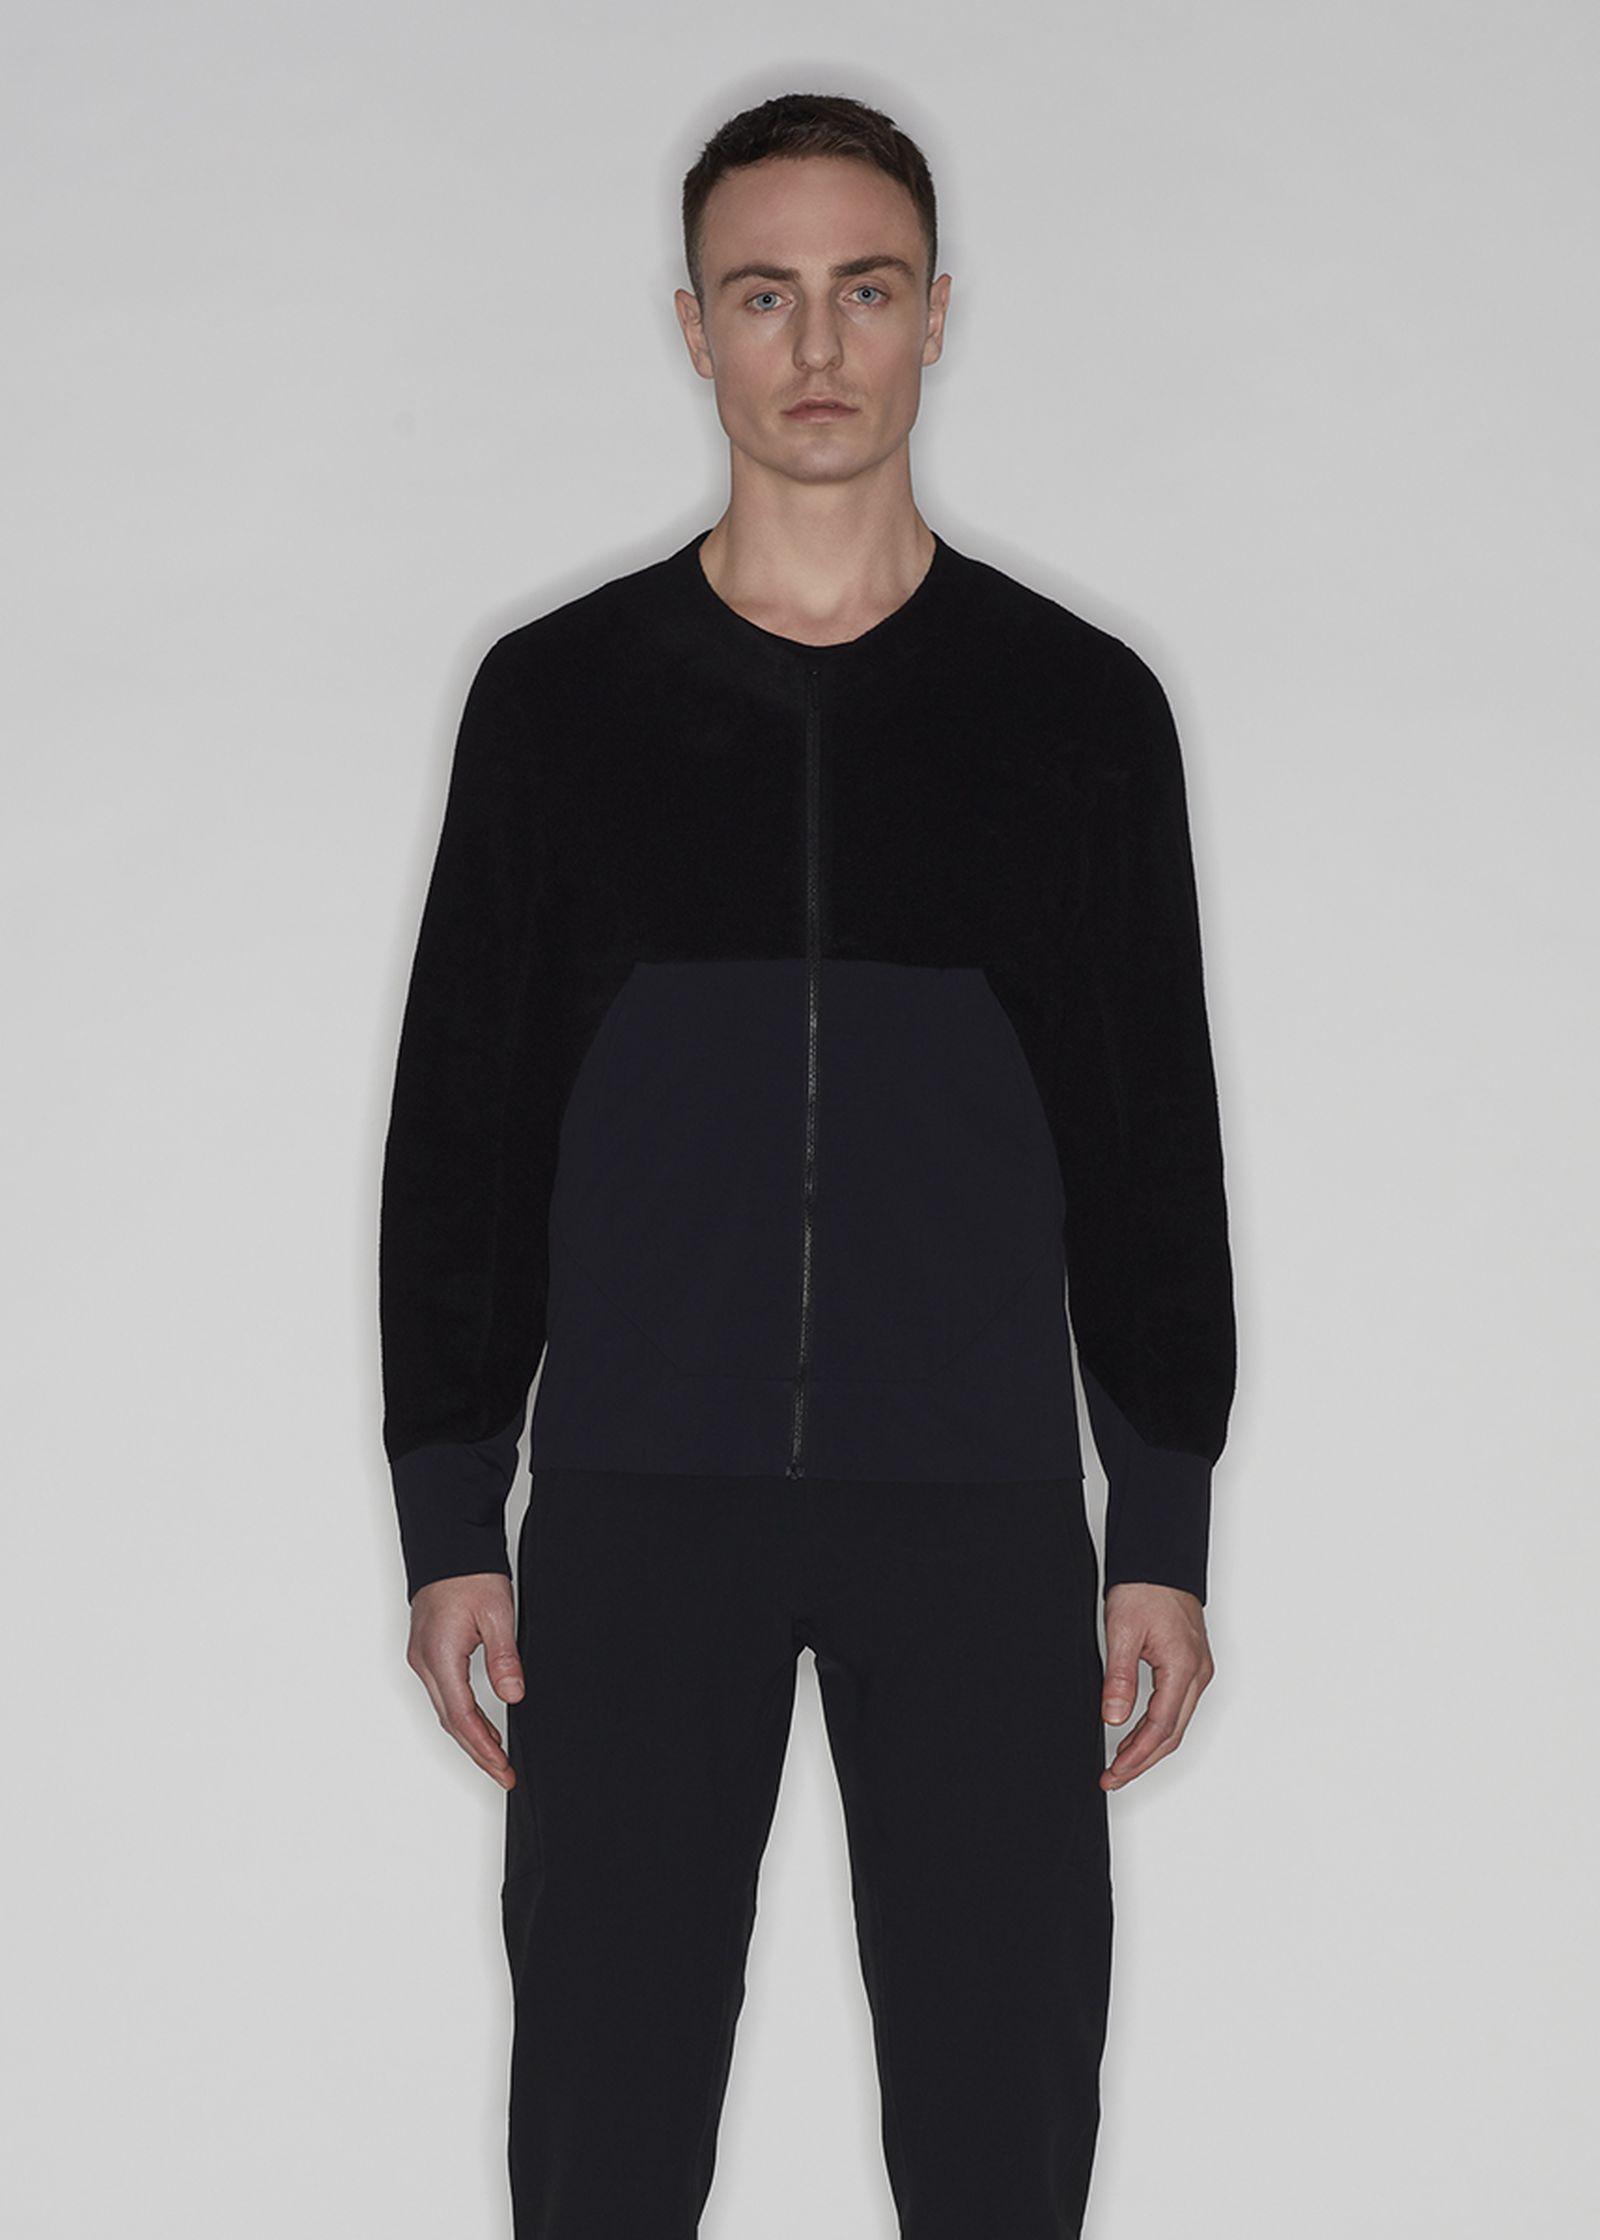 Veilance Dinitz Comp Jacket black